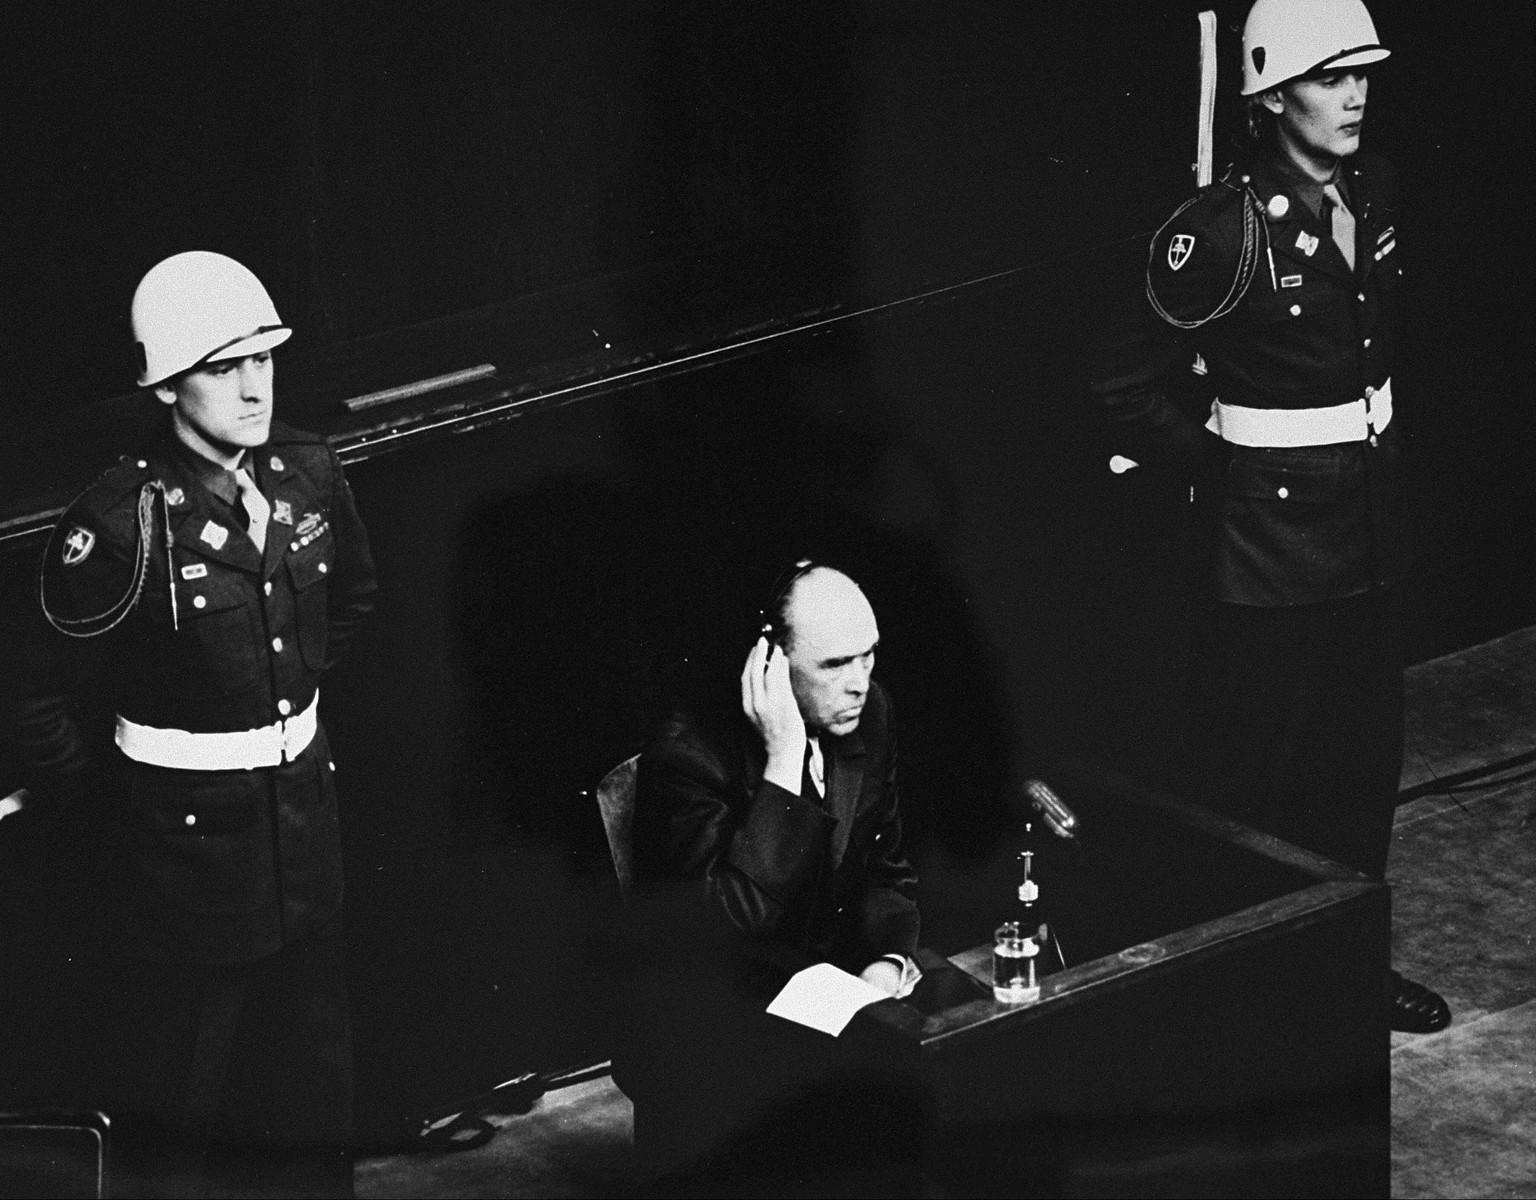 Former German Air Force General Field Marshal Albert Kesselring testifies as a witness for defendant Hermann Goering at the International Military Tribunal proceedings in Nuremberg.